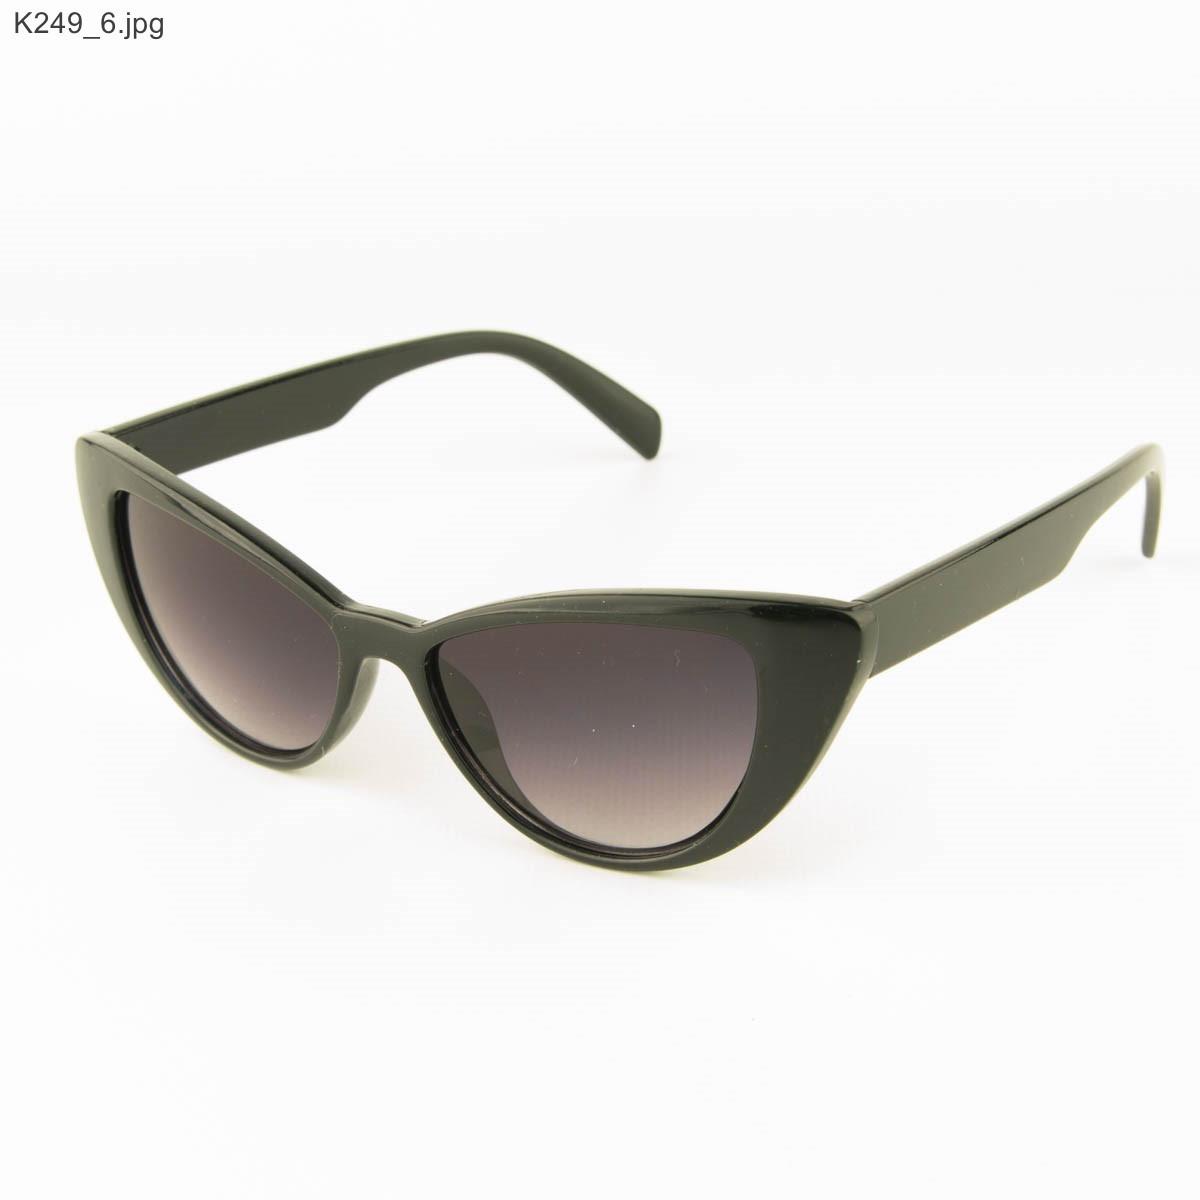 Оптом очки солнцезащитные женские кошачий глаз - Черные - К249